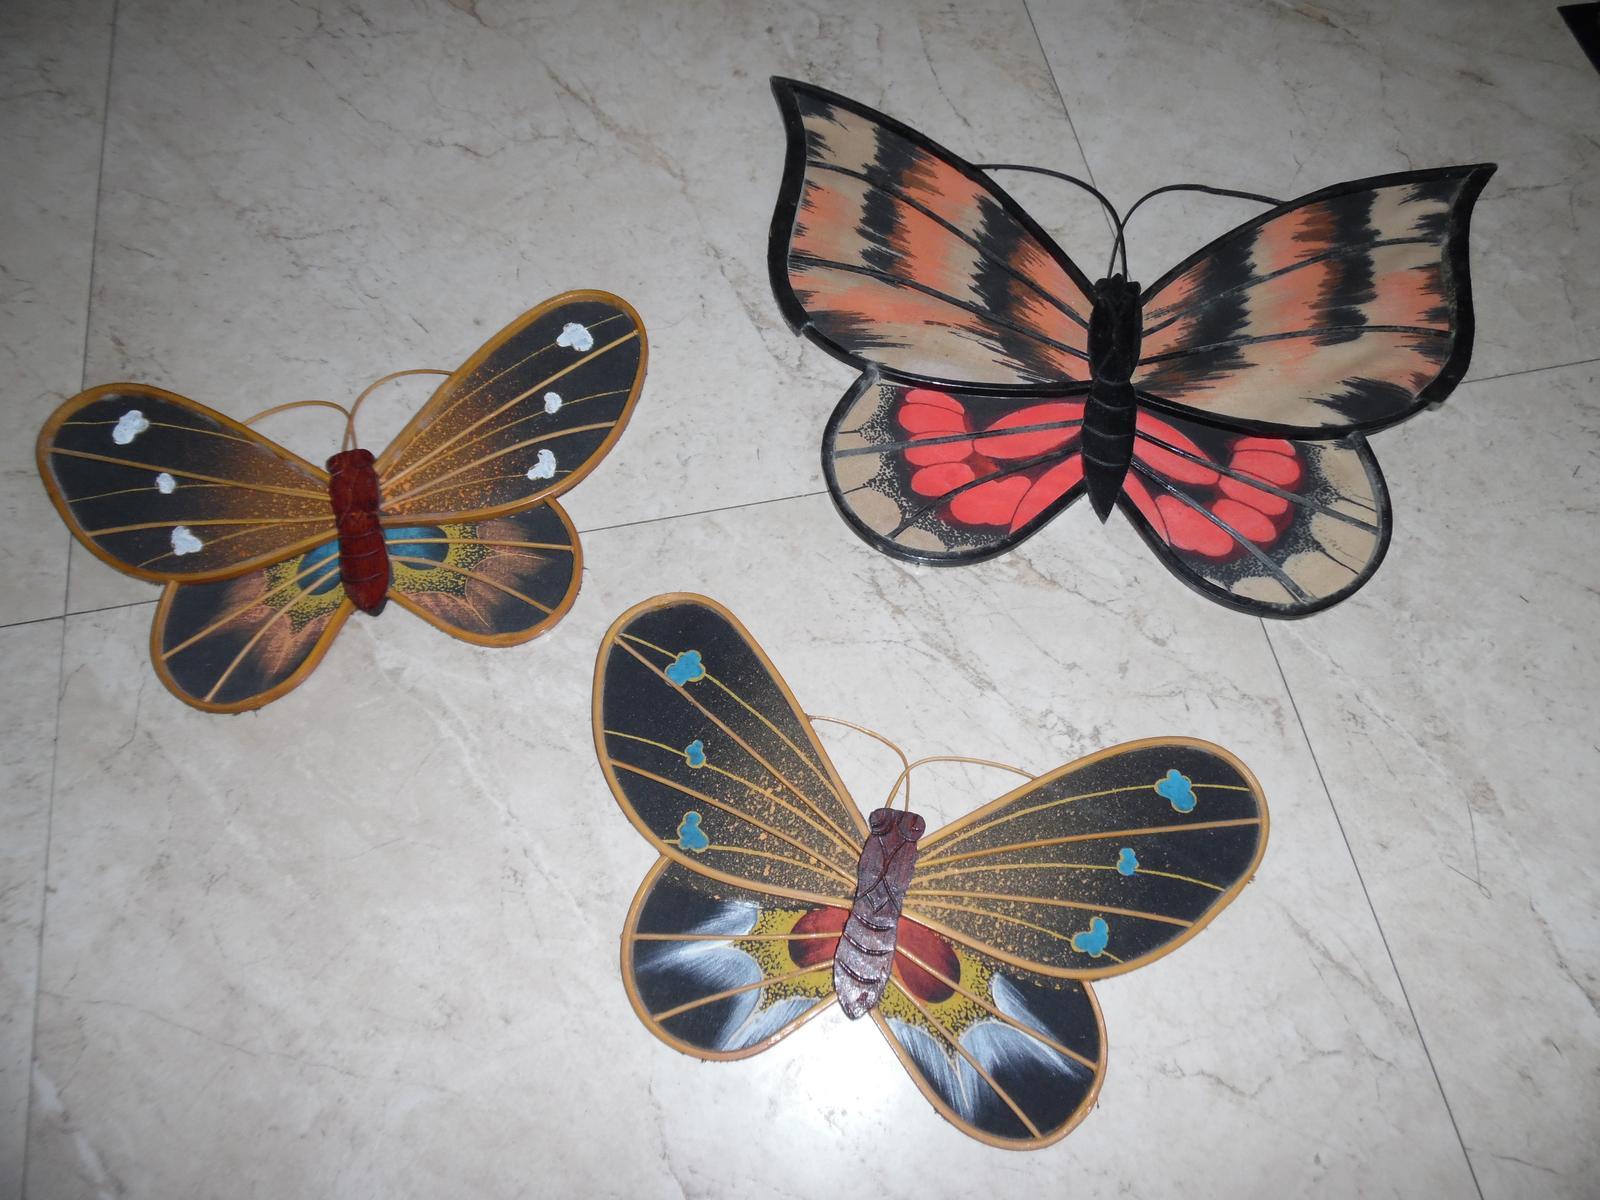 motýliky - Obrázok č. 1